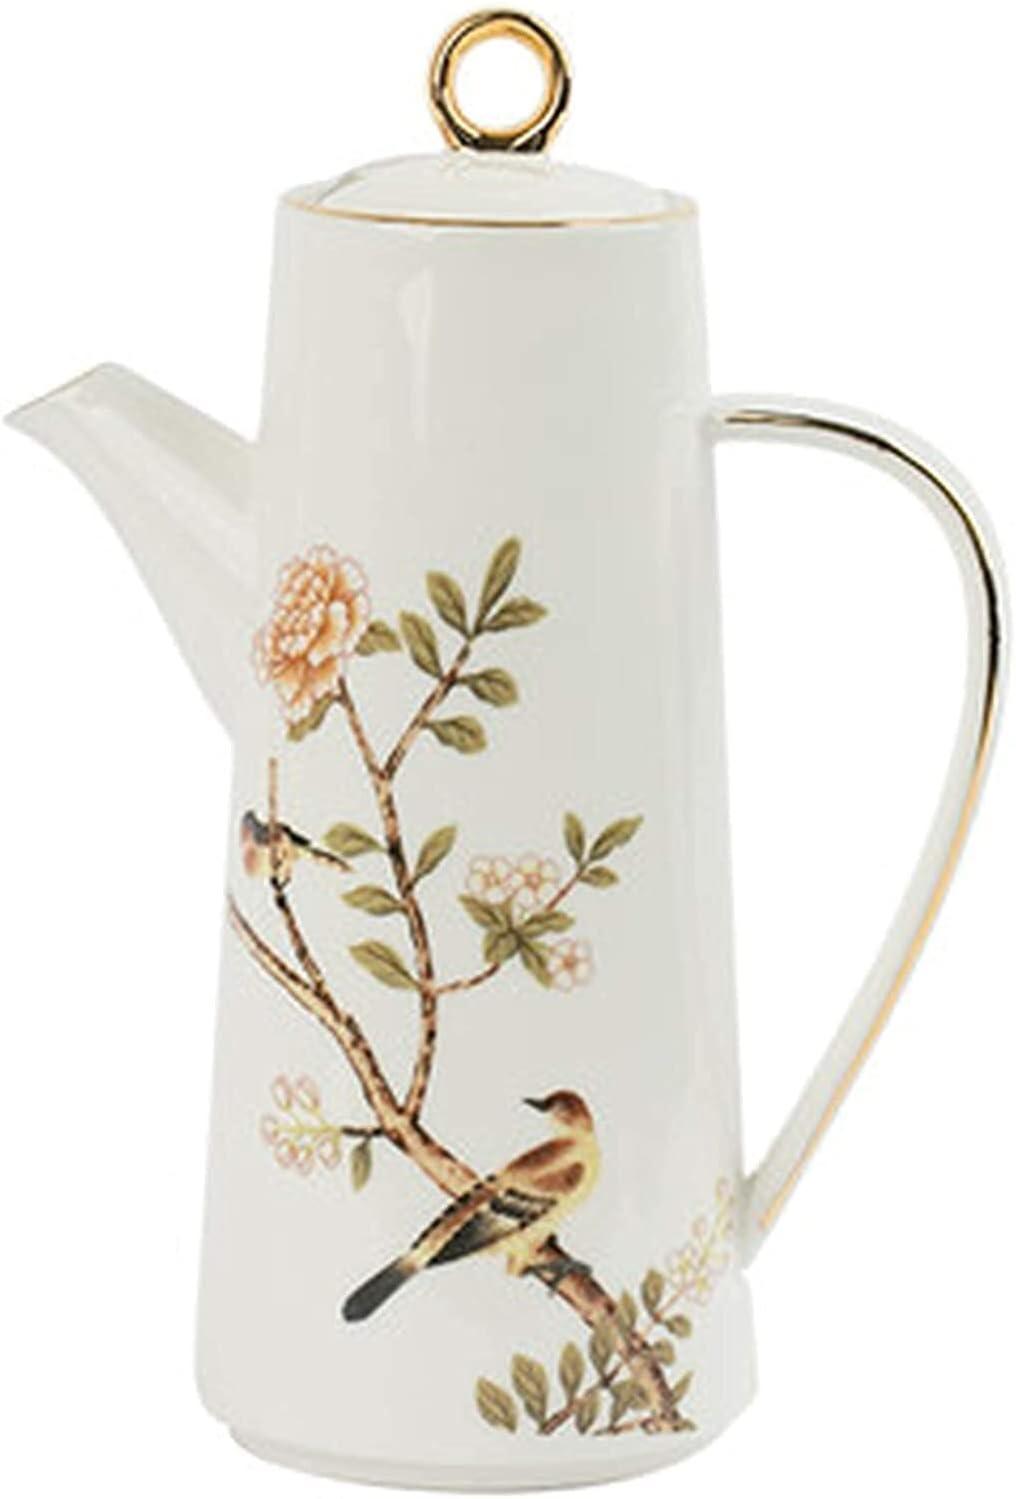 Oil Can Olive Vinegar Dispenser Ceram Bottle Ranking TOP11 Set New item